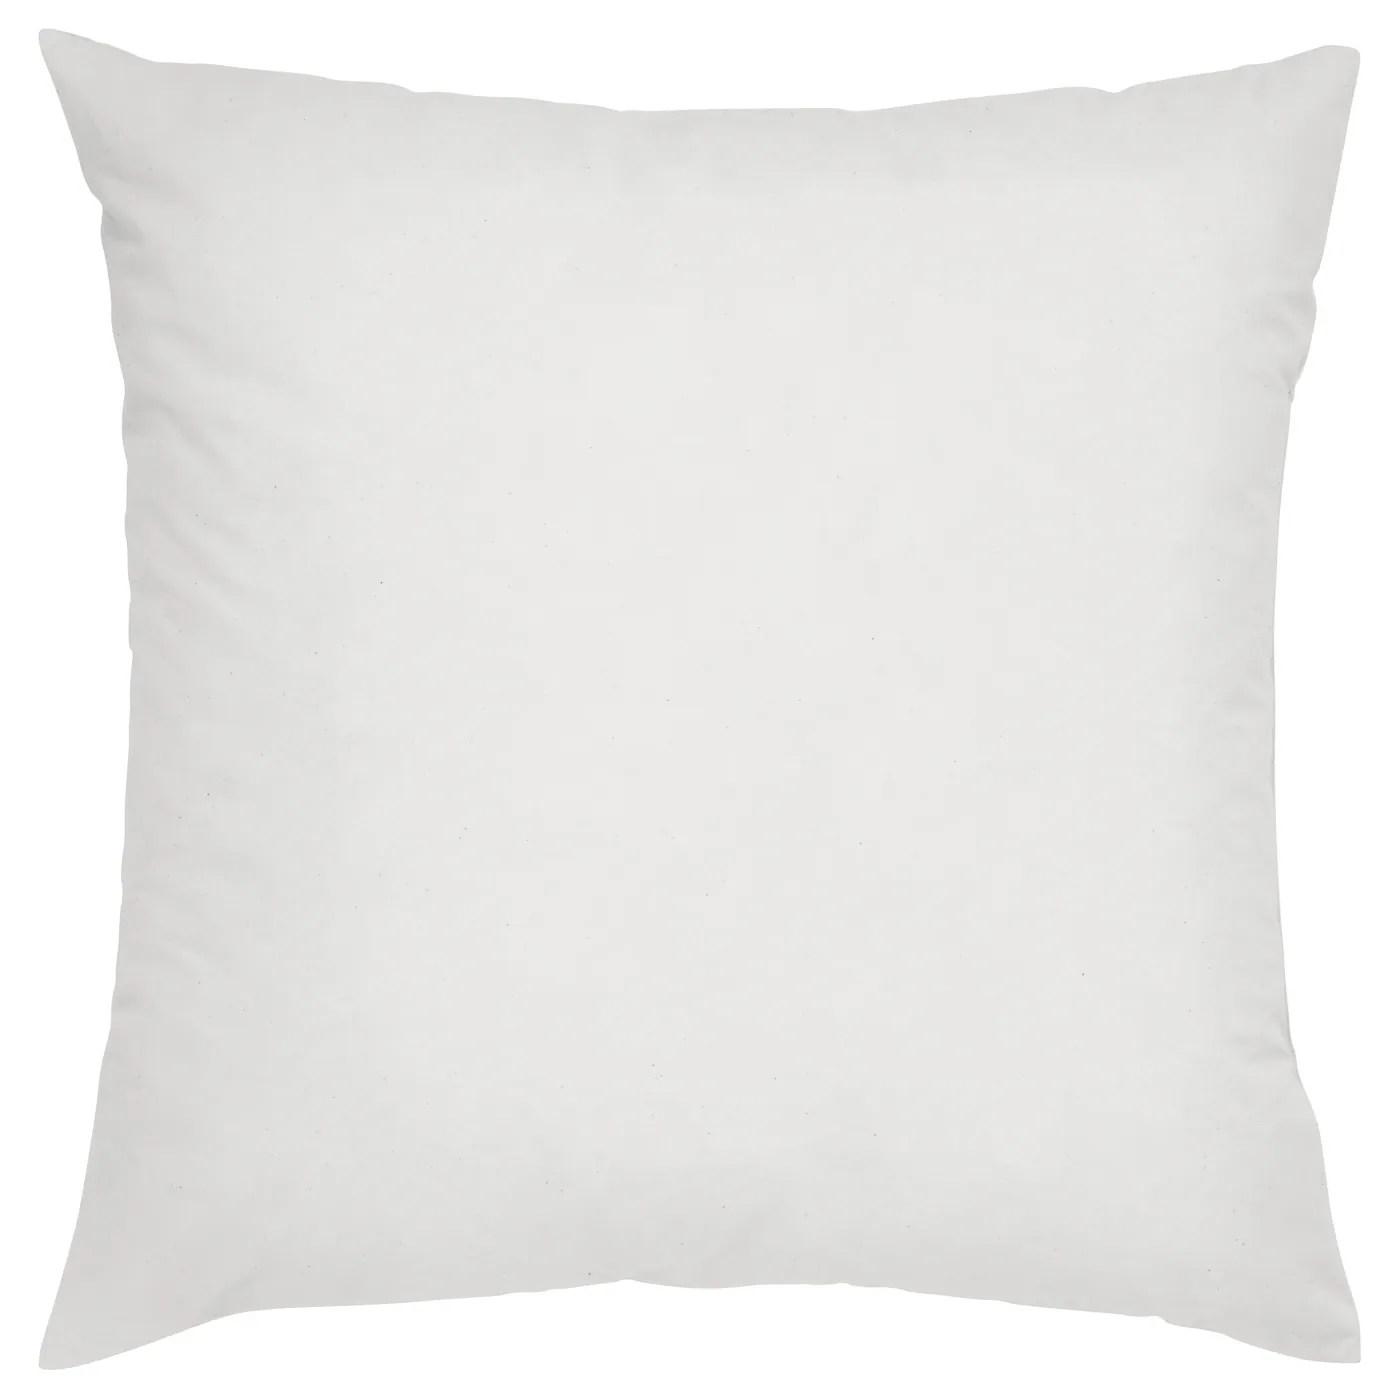 fjadrar inner cushion off white 20x20